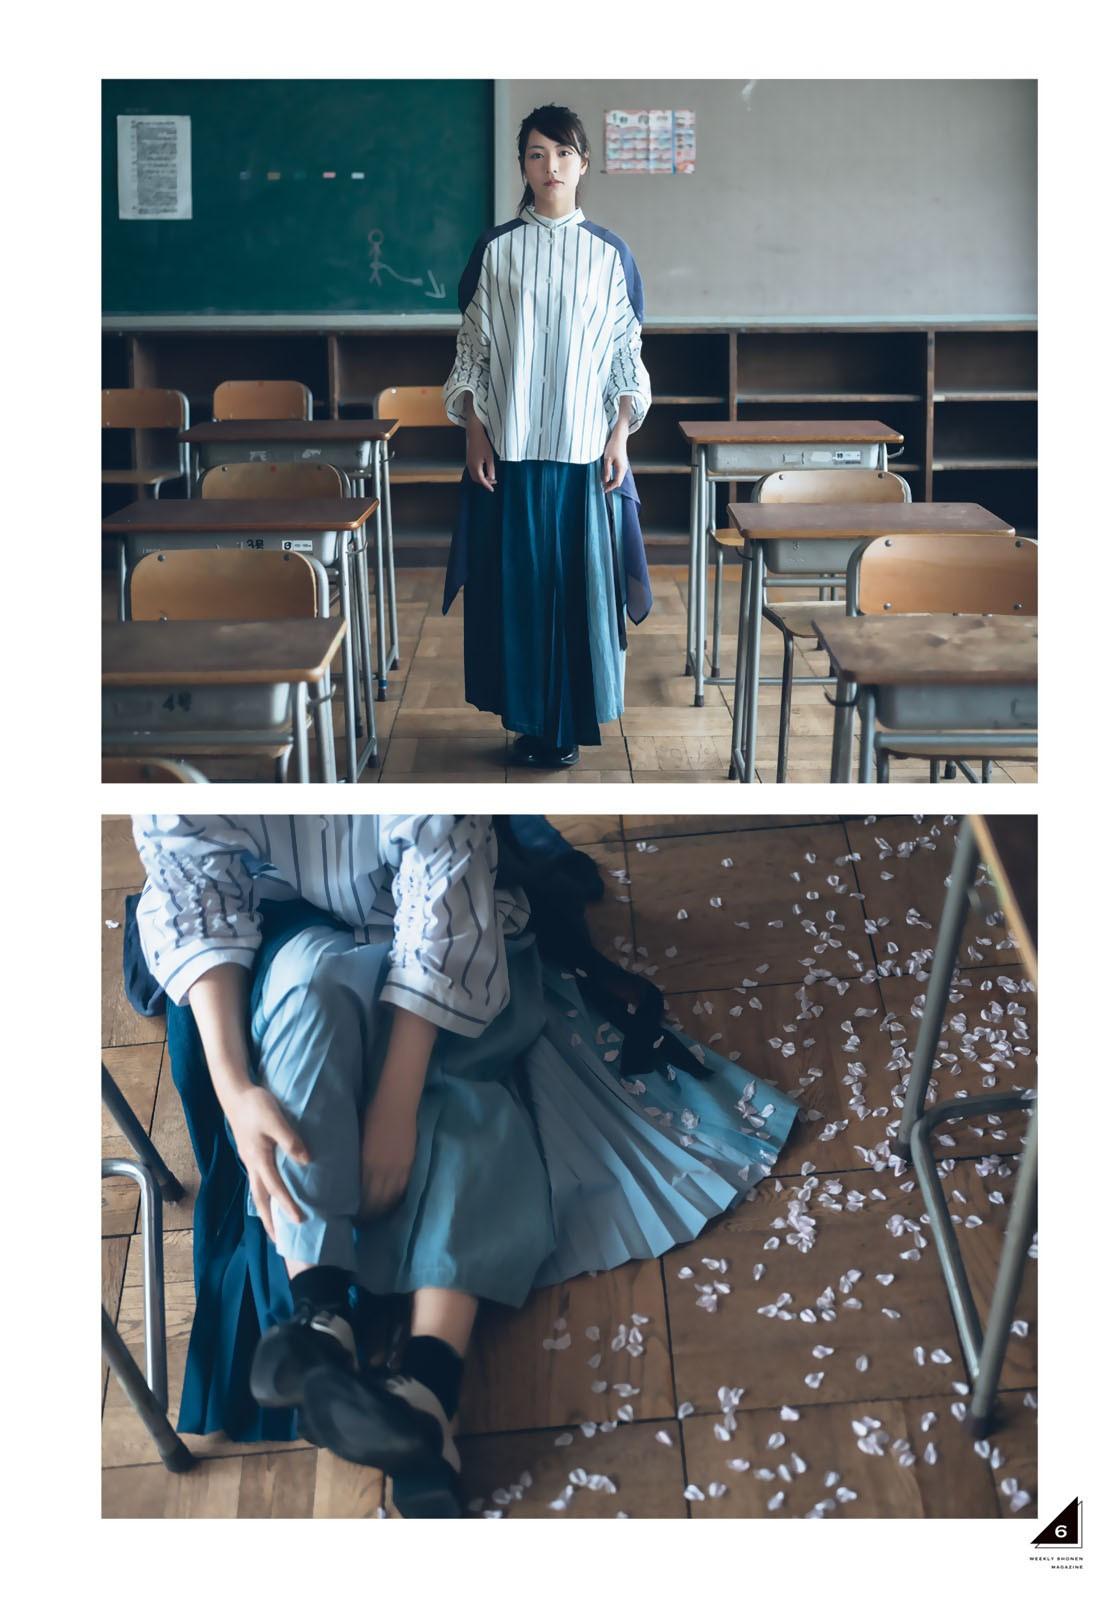 [Weekly Shonen Magazine] 2021 No.17 Hinako Kitano 北野日奈子 008